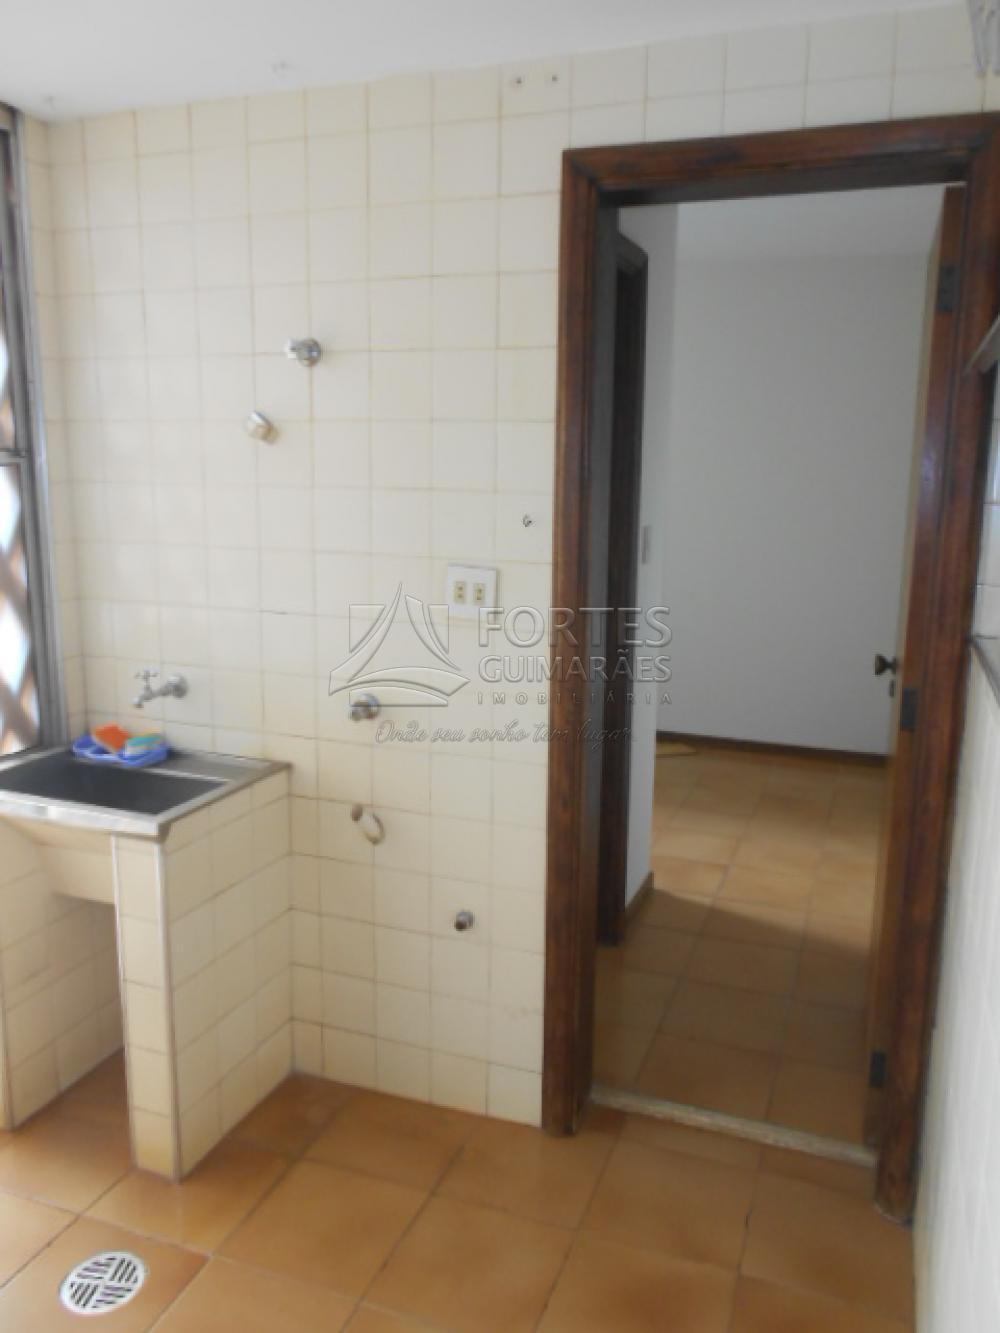 Alugar Apartamentos / Padrão em Ribeirão Preto apenas R$ 1.500,00 - Foto 69